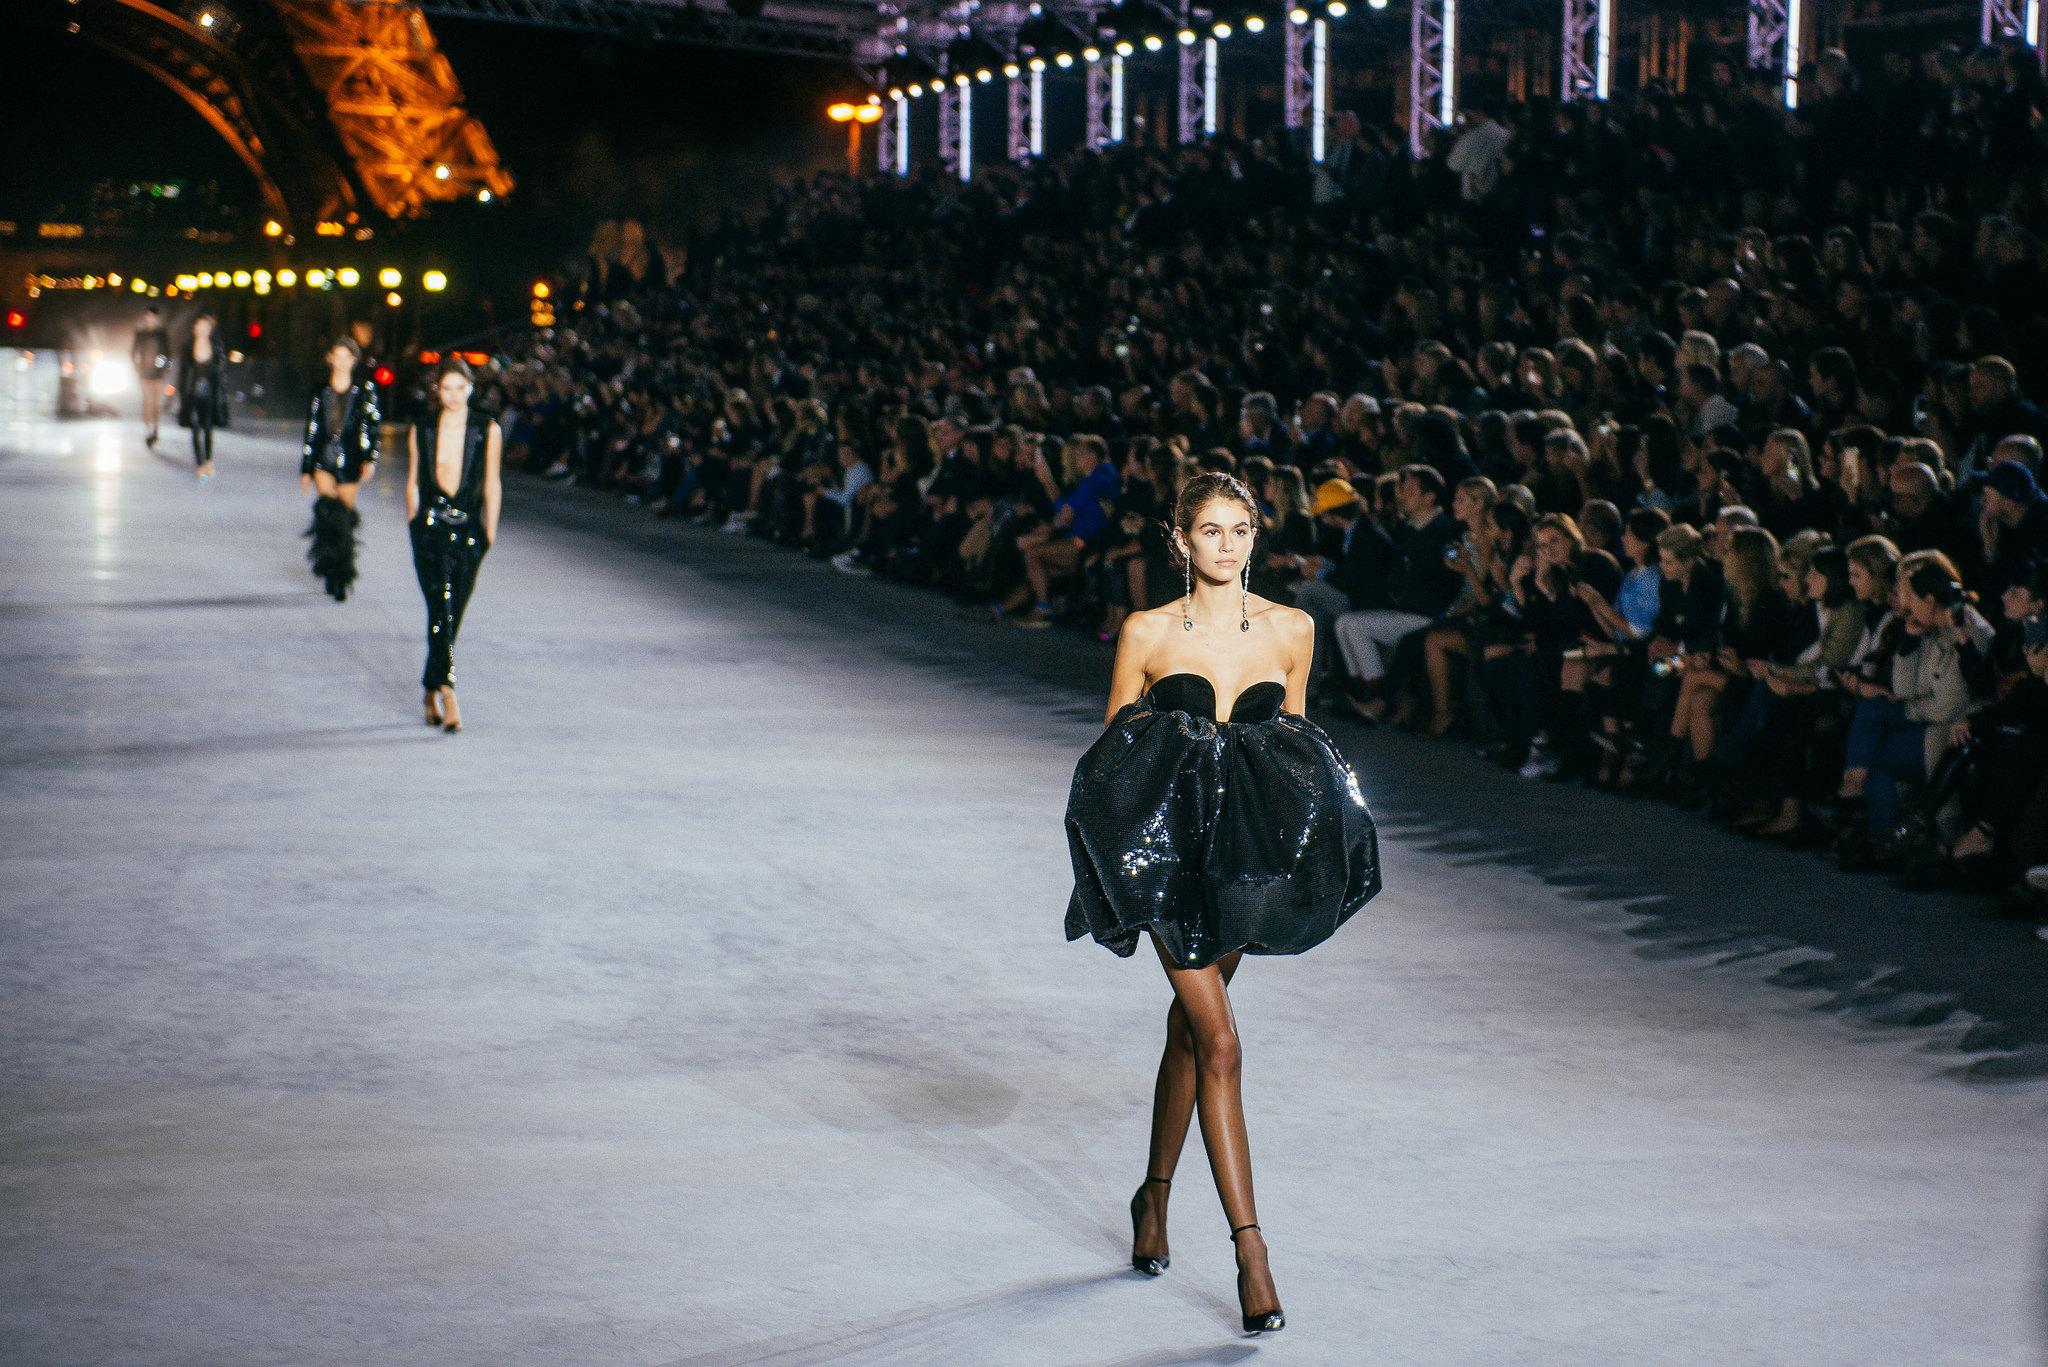 Cô tự tin trình diễn đến 2 thiết kế trong bộ sưu tập được đánh giá rất cao từ giám đốc sáng tạo Anthony Vacarello.